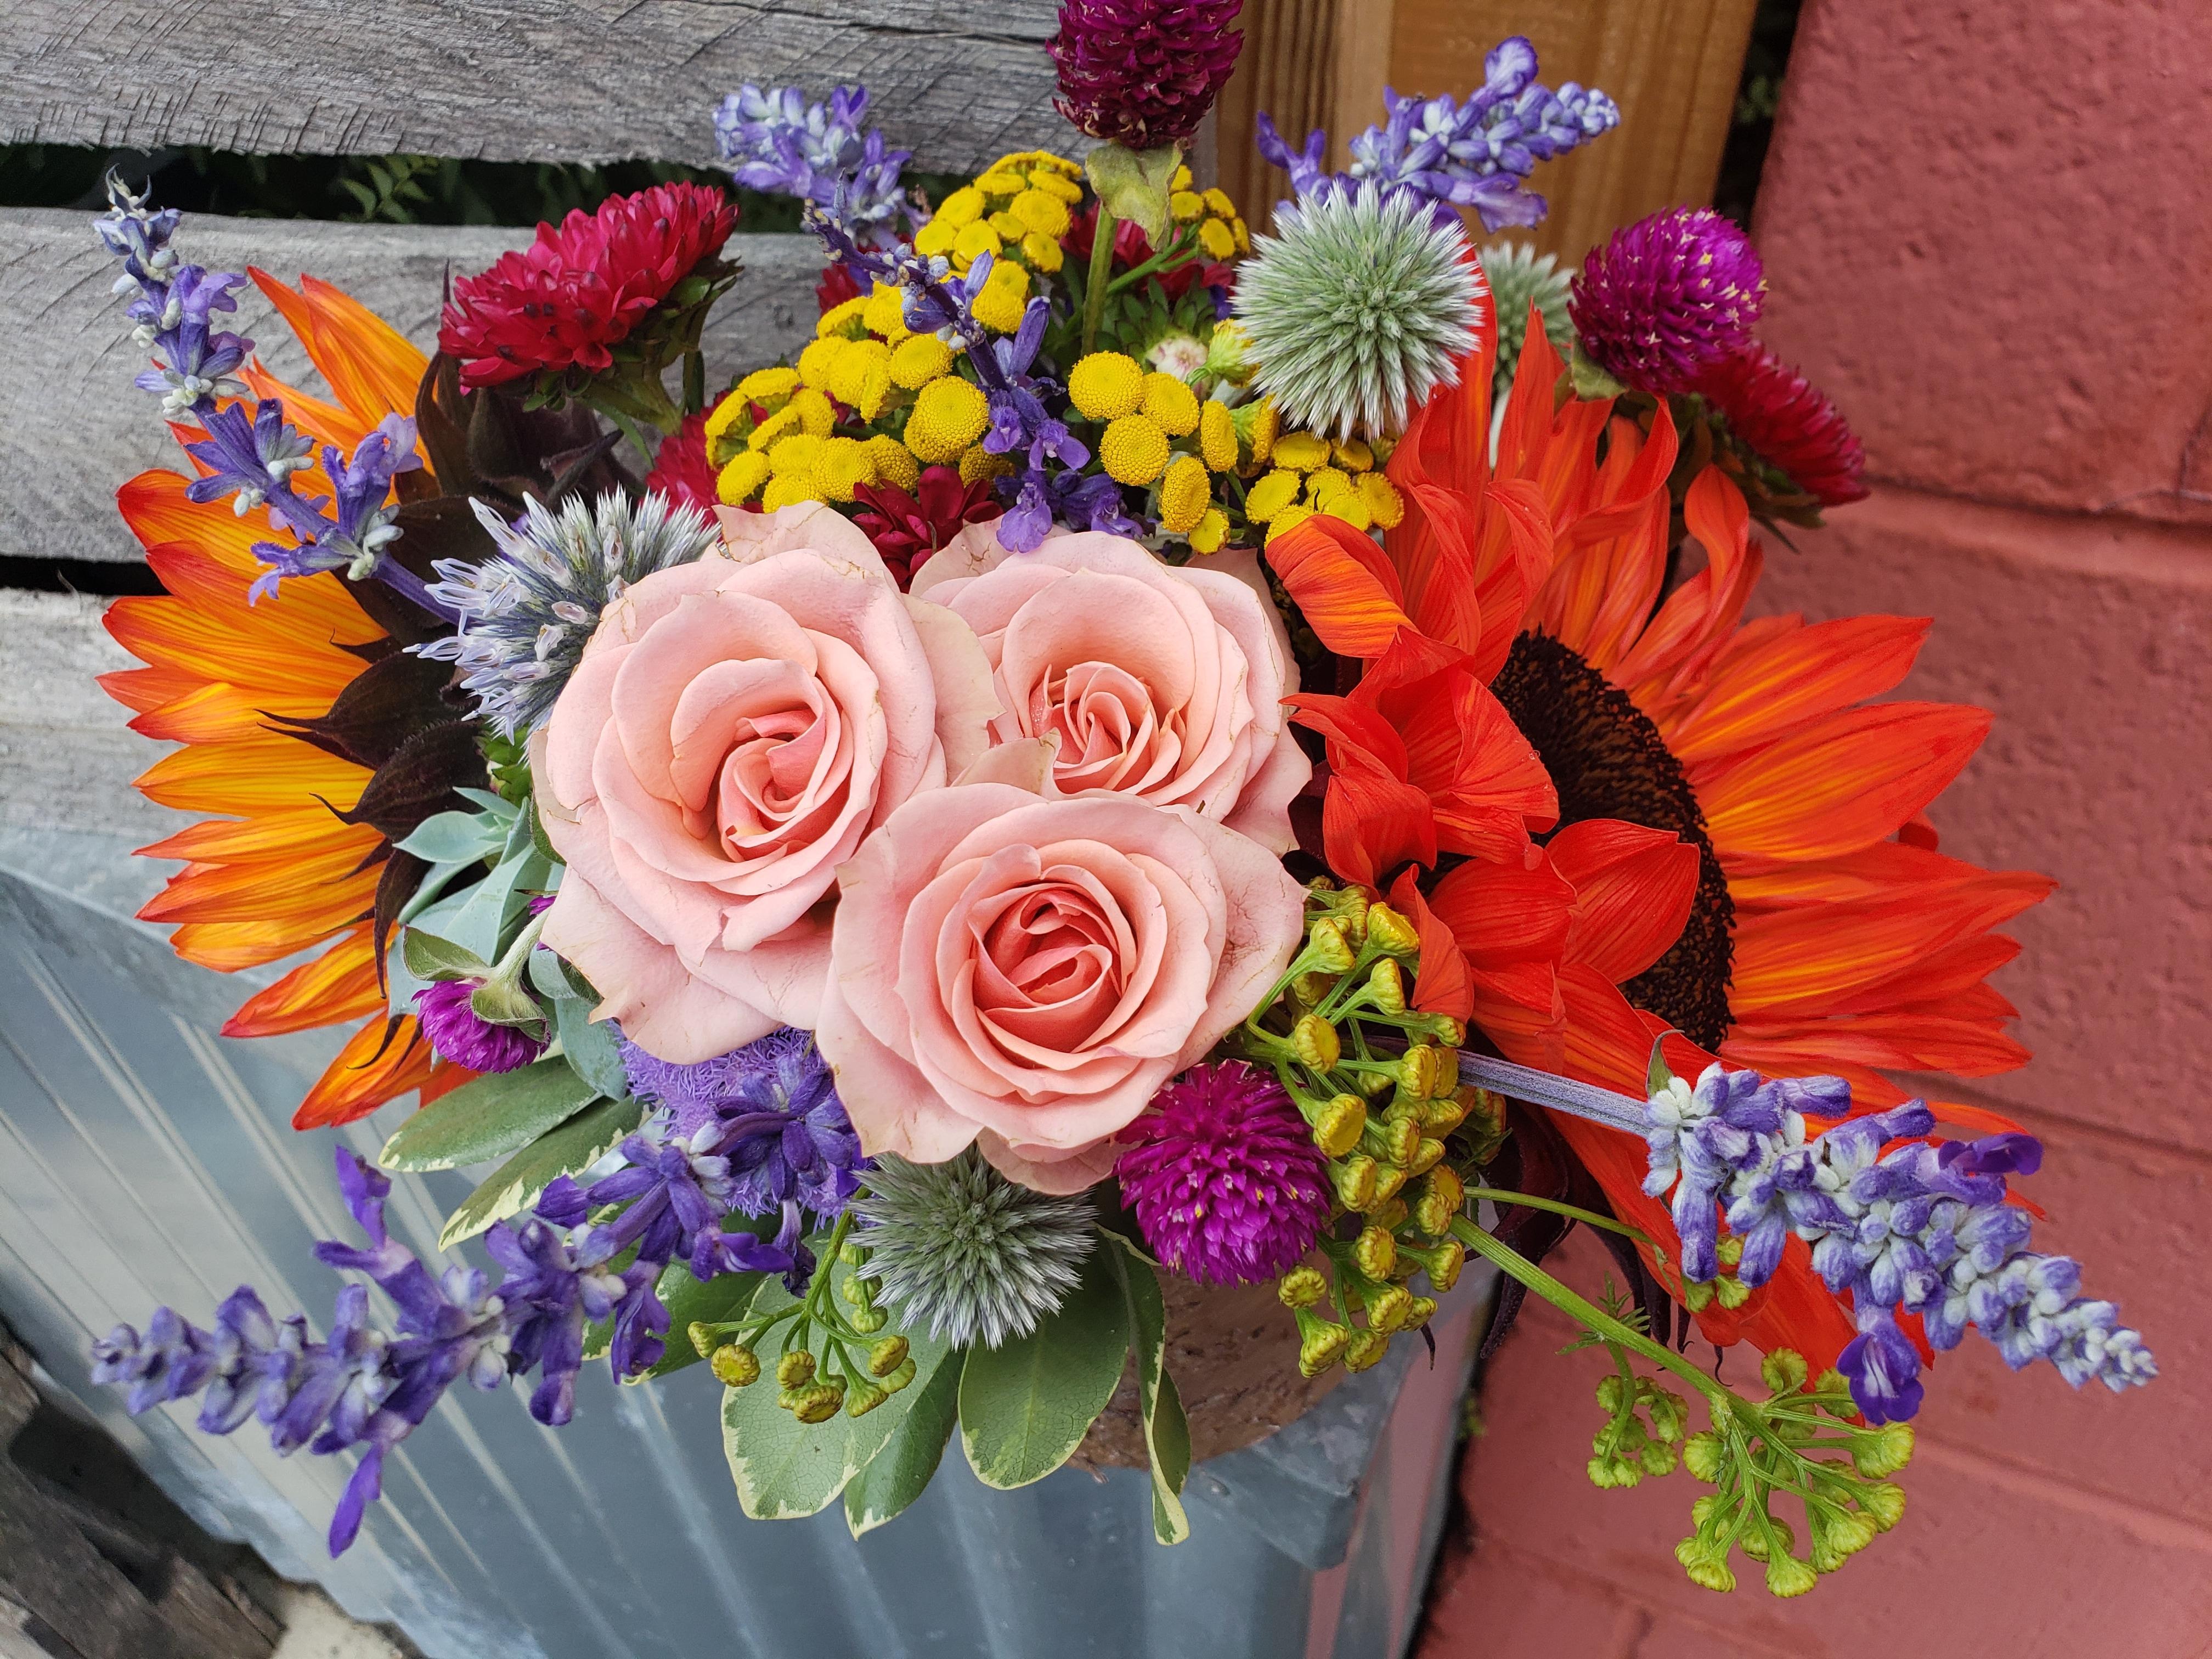 Ferndale Florist Flower Delivery By Blumz Jrdesigns